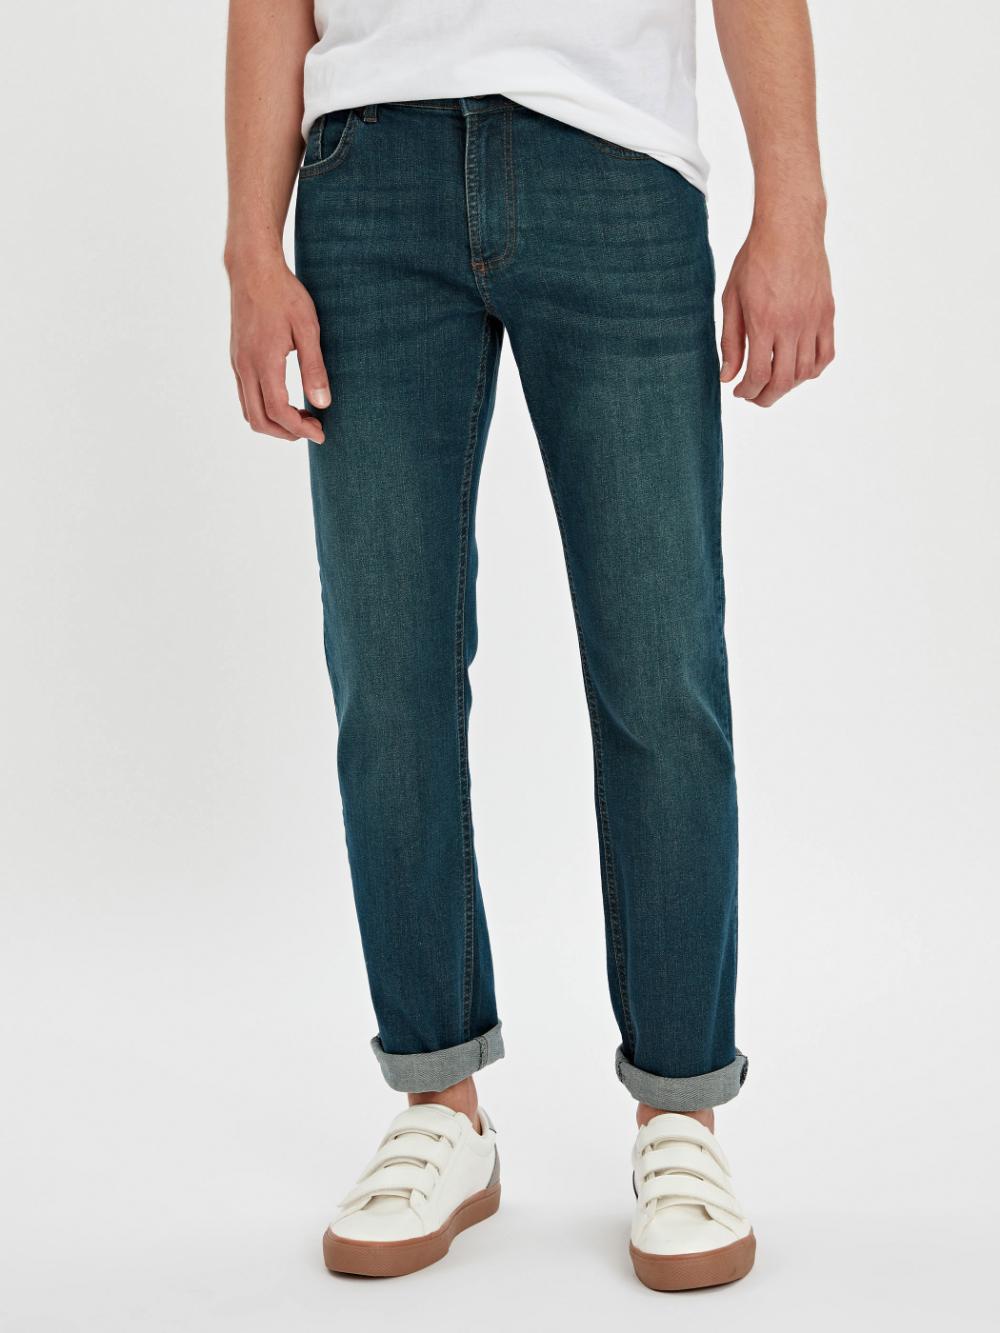 خرید اینترنتی شلوار لی مردانه استاندارد فیت Levi Jeans Levi Pants